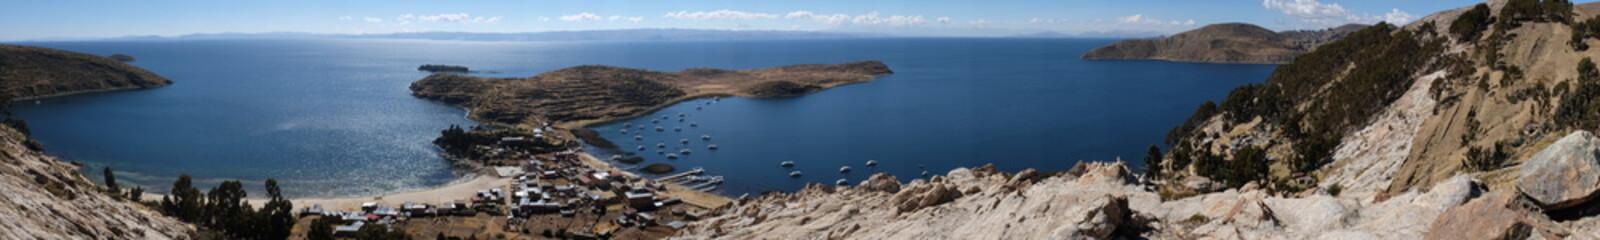 Île du soleil, Bolivie